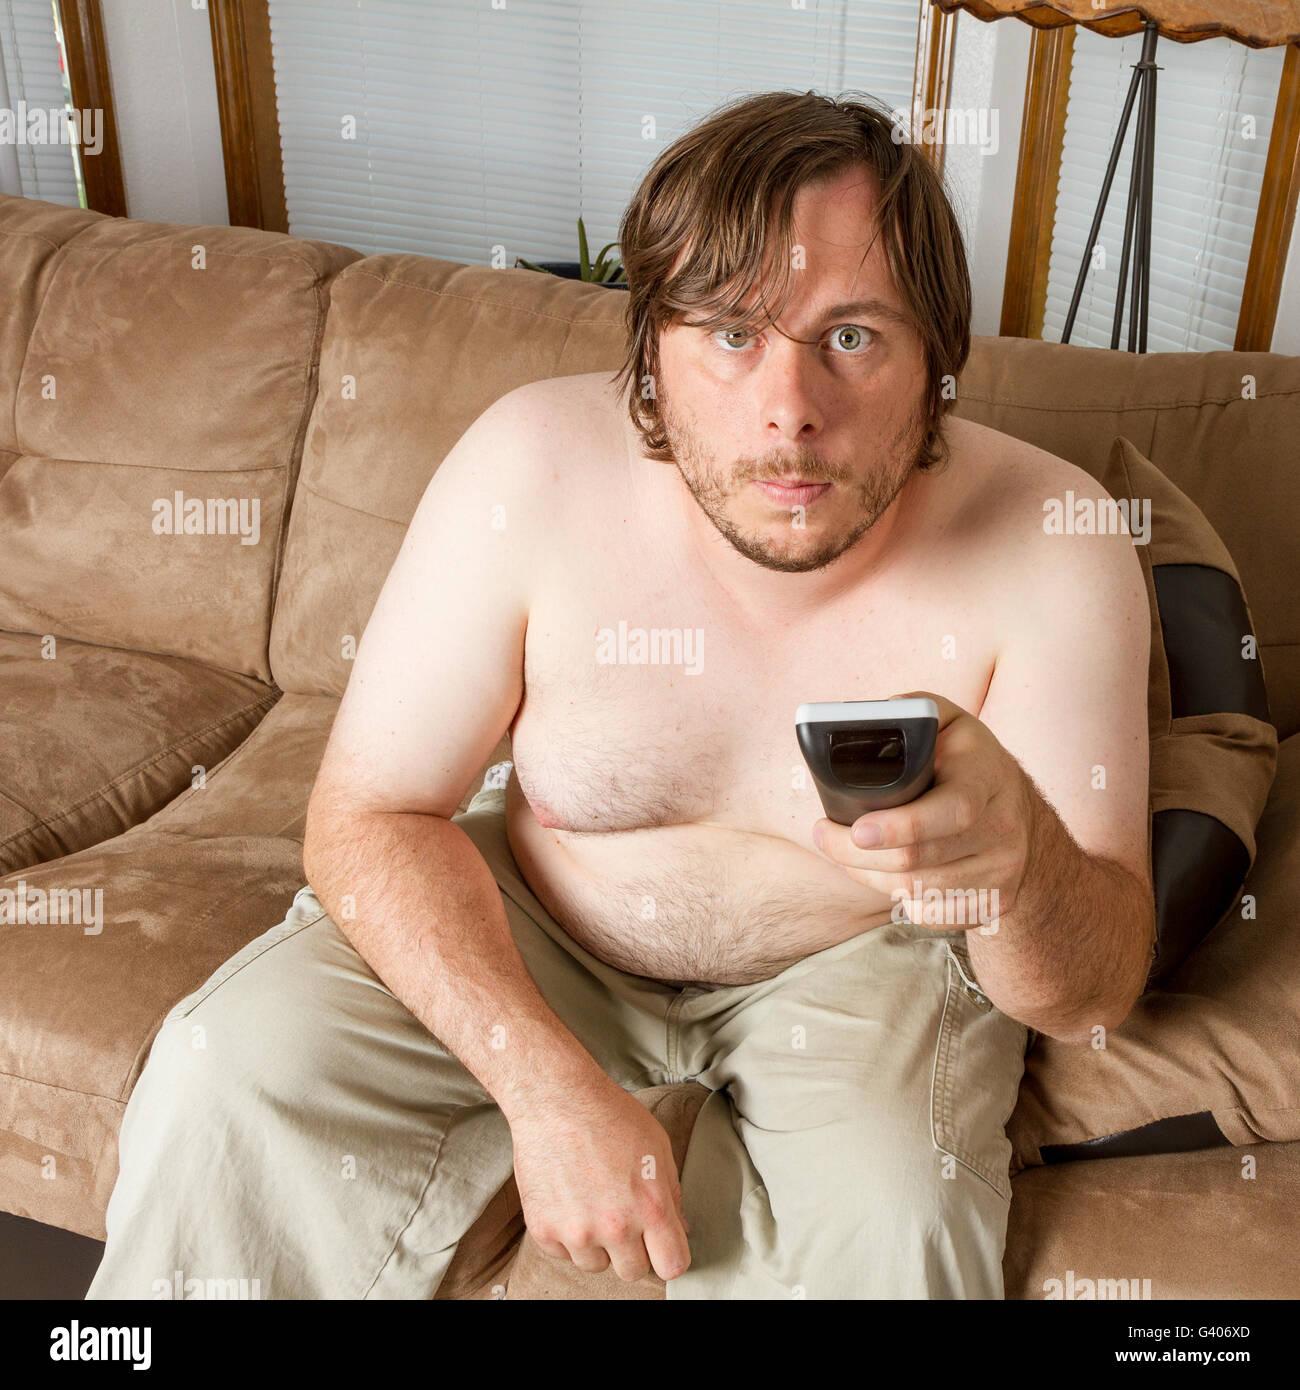 L'homme jouant le rôle de paresseux le téléphage Photo Stock